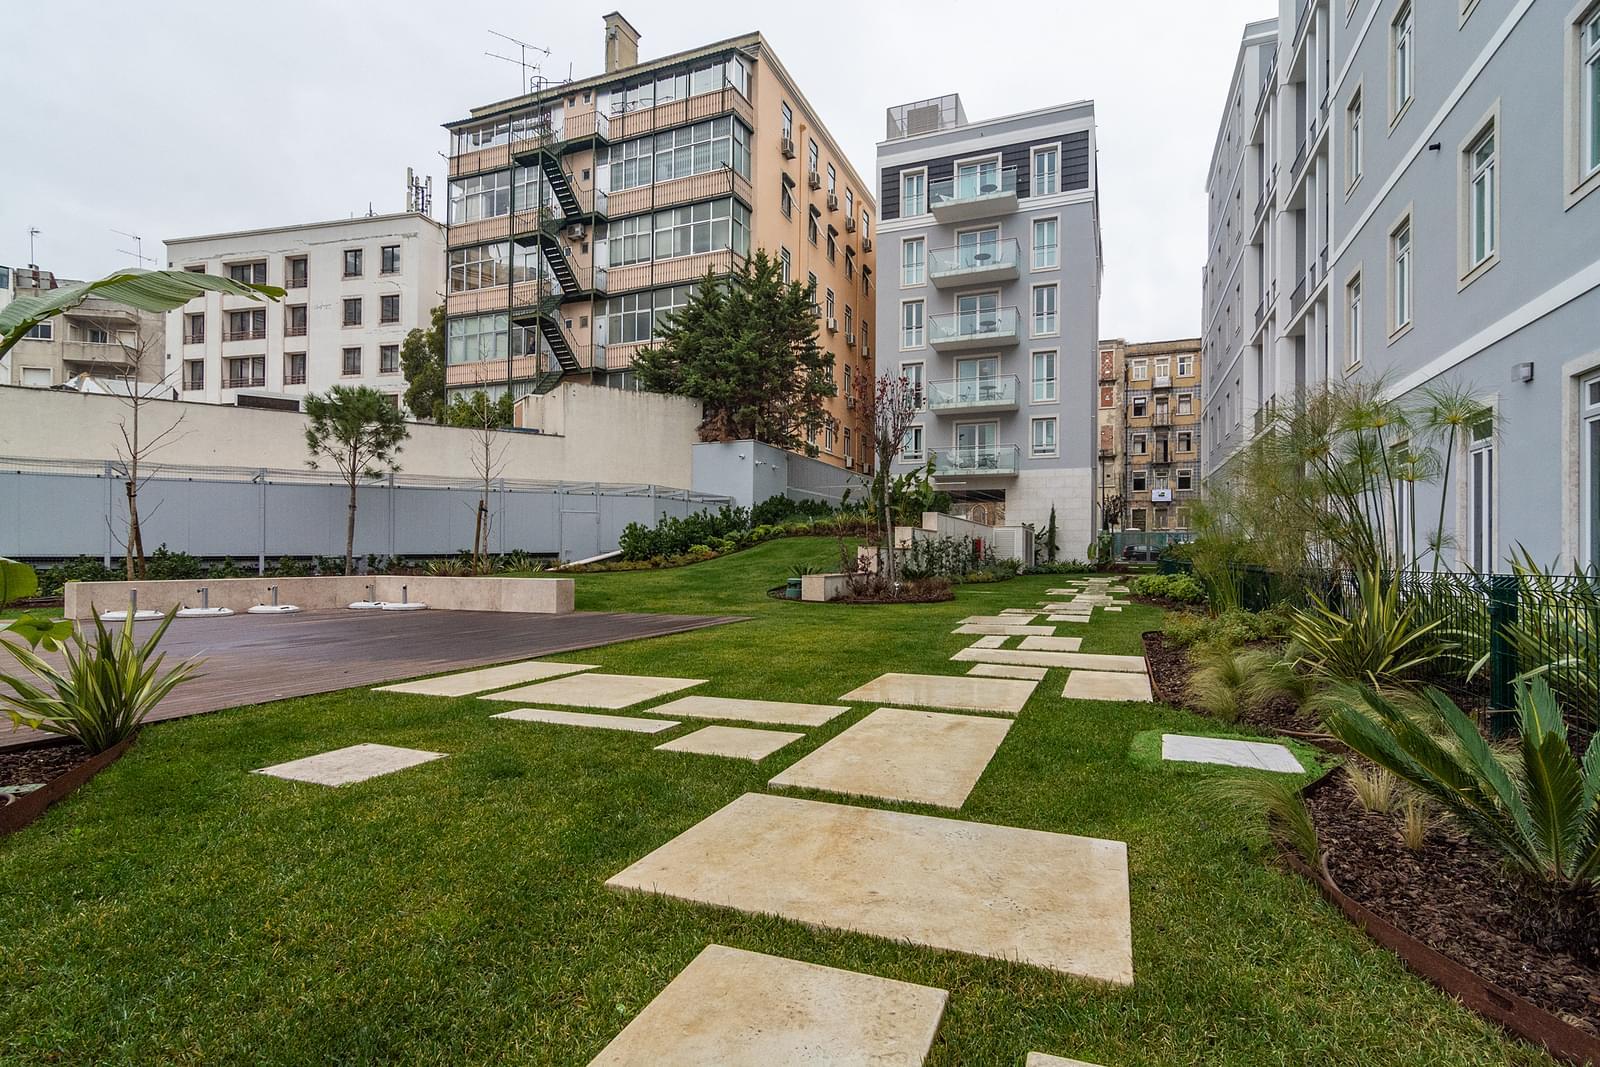 pf19003-apartamento-t2-lisboa-97bf003a-4566-4d71-b30f-8c8819218b65